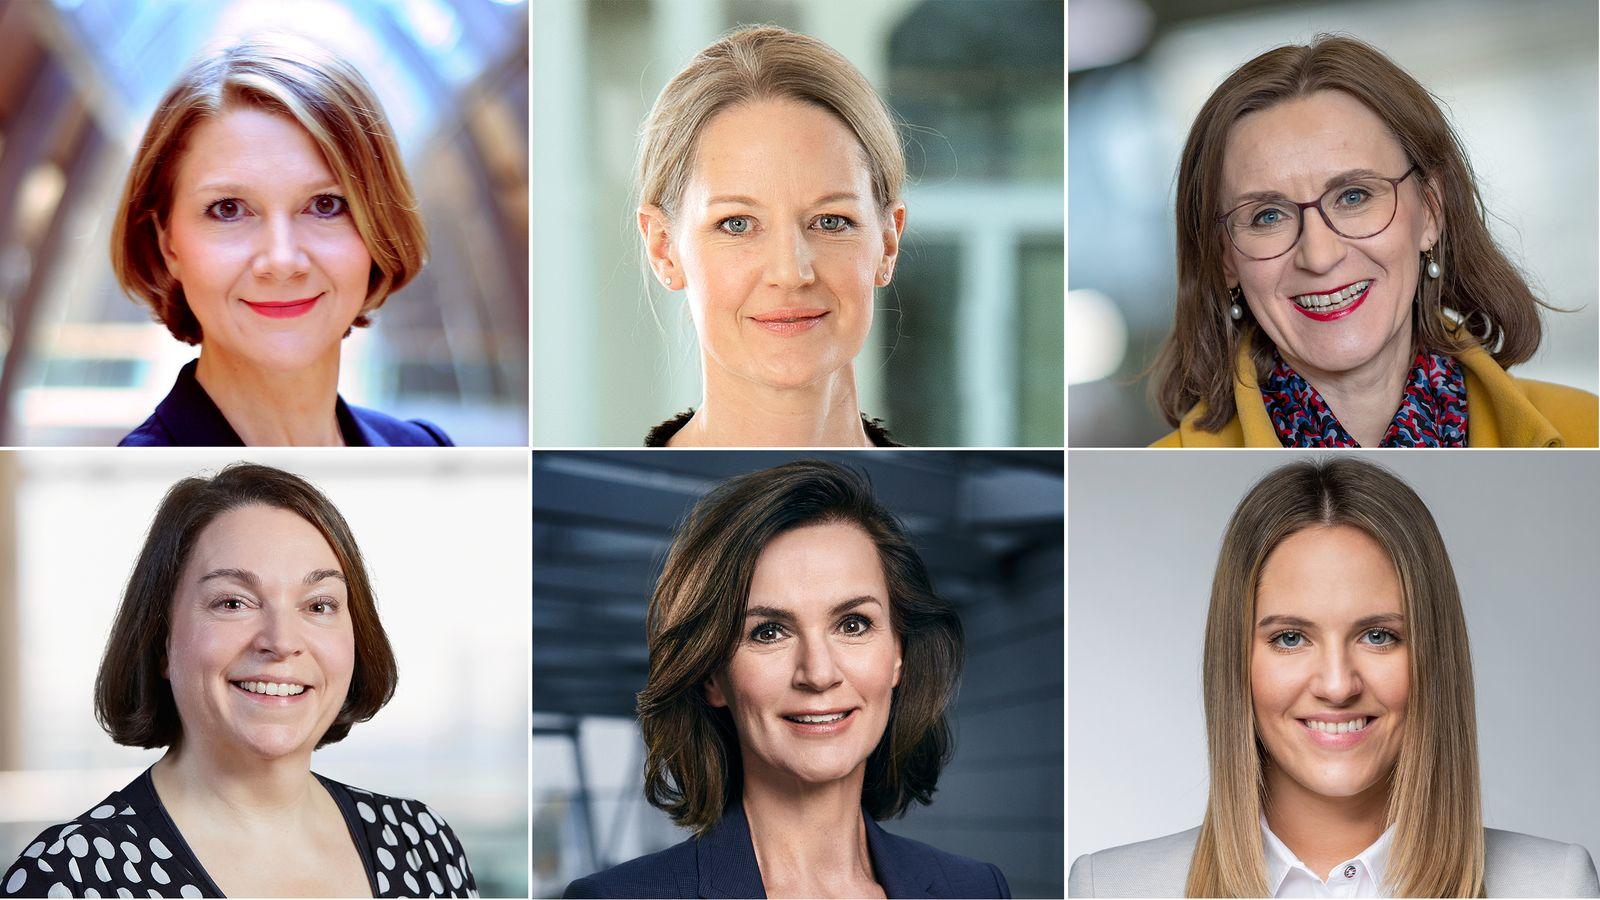 KOMBO Doreen Nowotne / Anna Maria Braun / Sigrid Nikutta / Christina Foersters / Hildegard Wortmann / Melanie Köhler